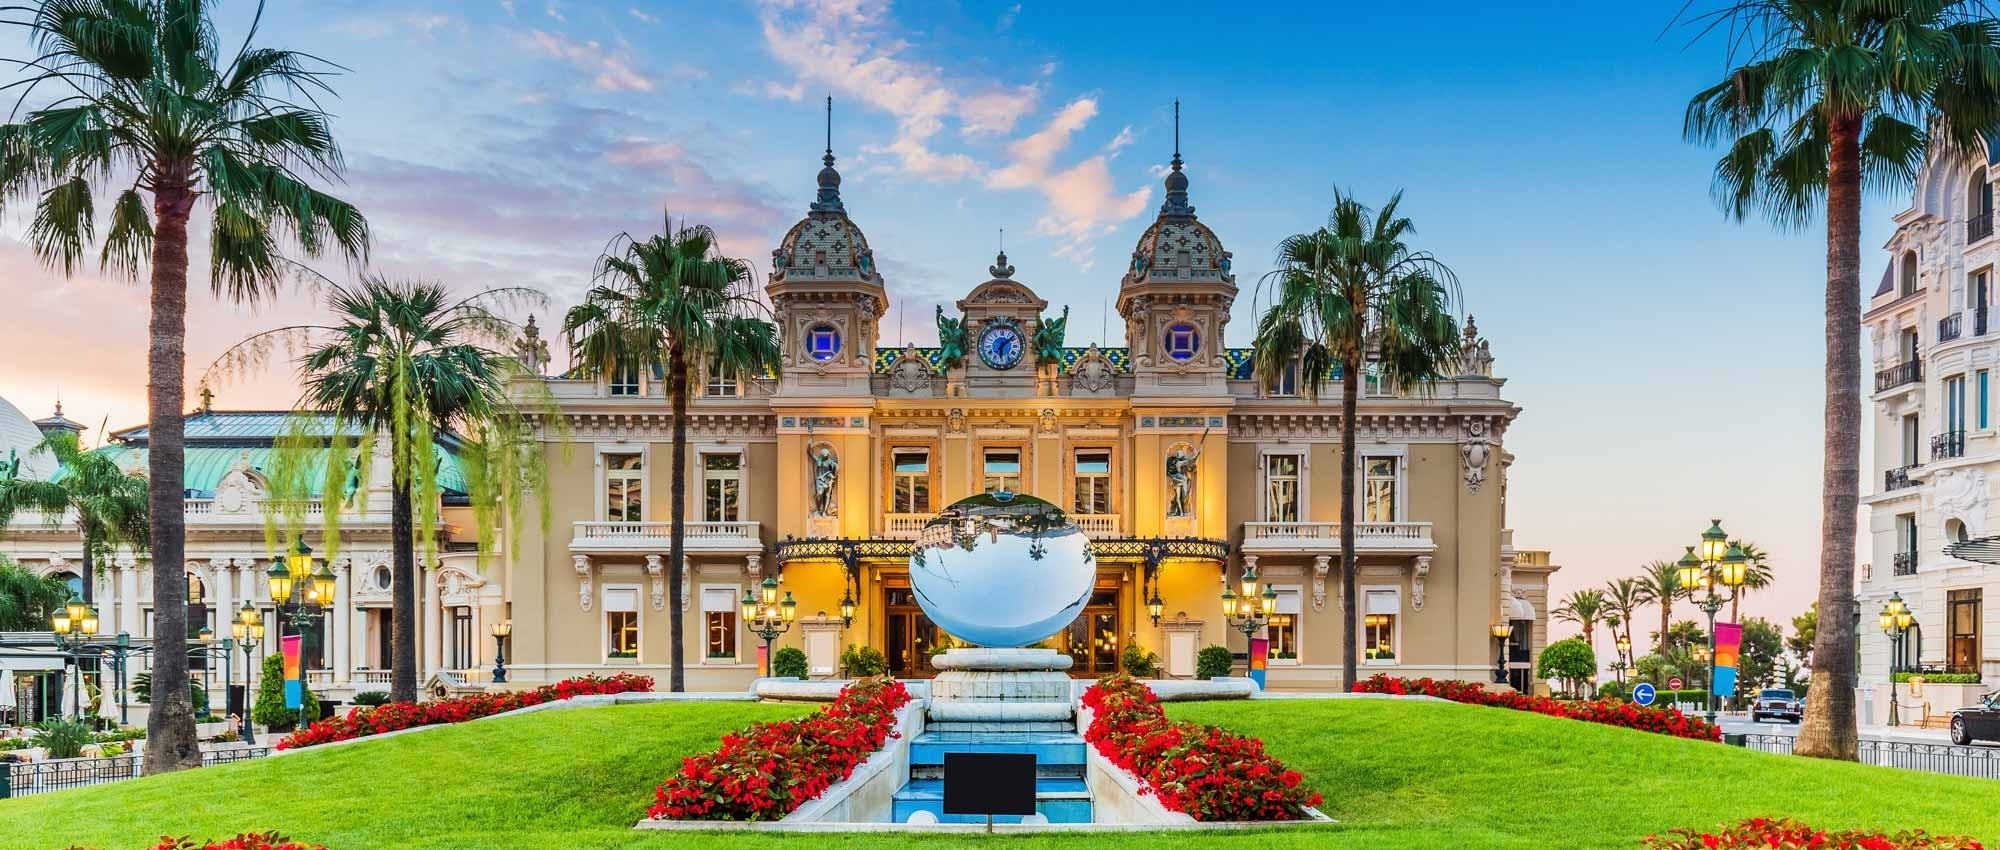 Noleggio Bentley a Monte Carlo